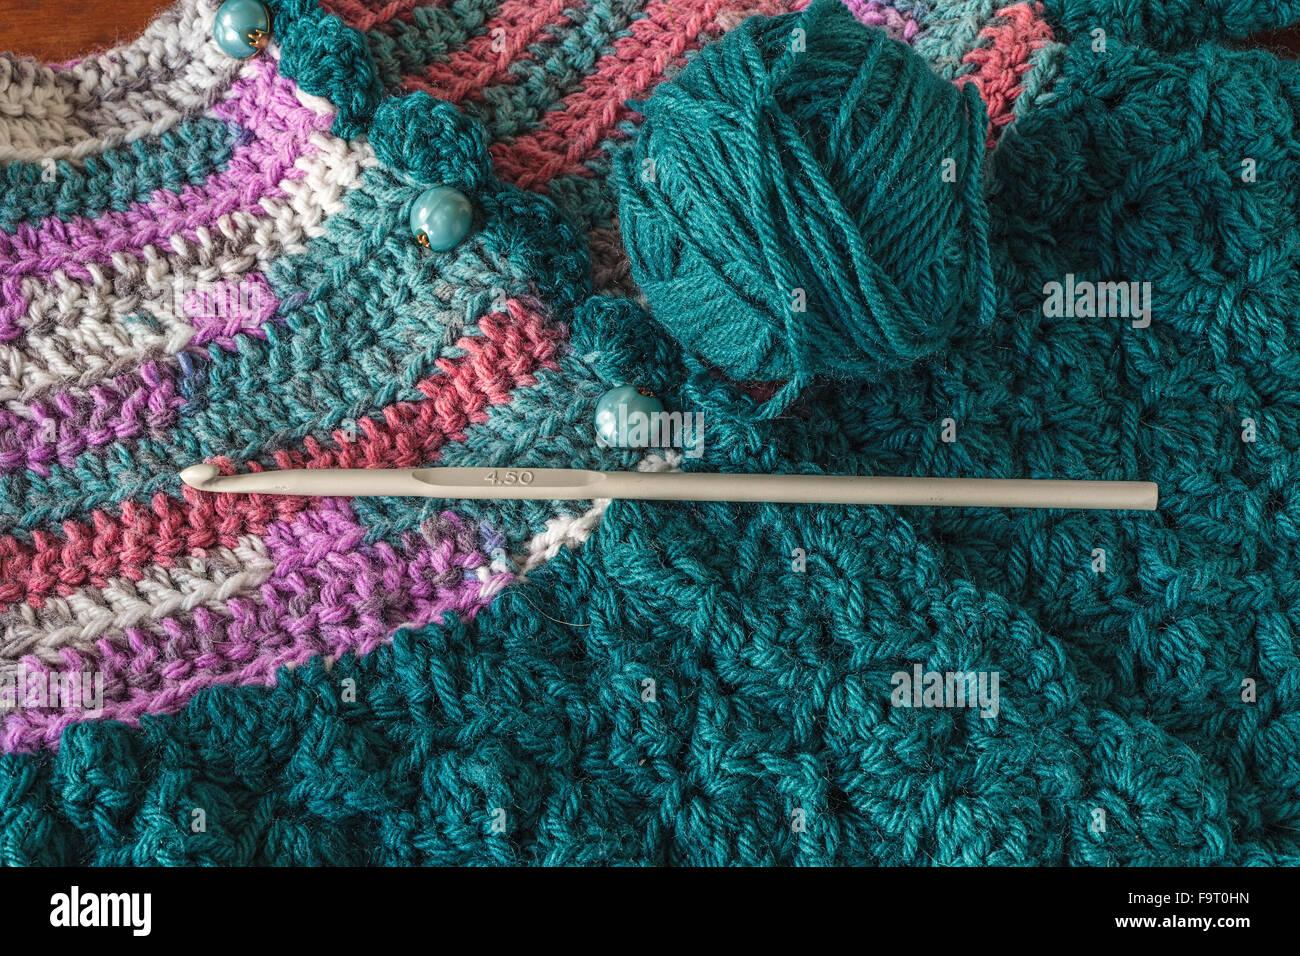 Pull bébé en crochet avec un crochet et pelote de laine. Photo Stock